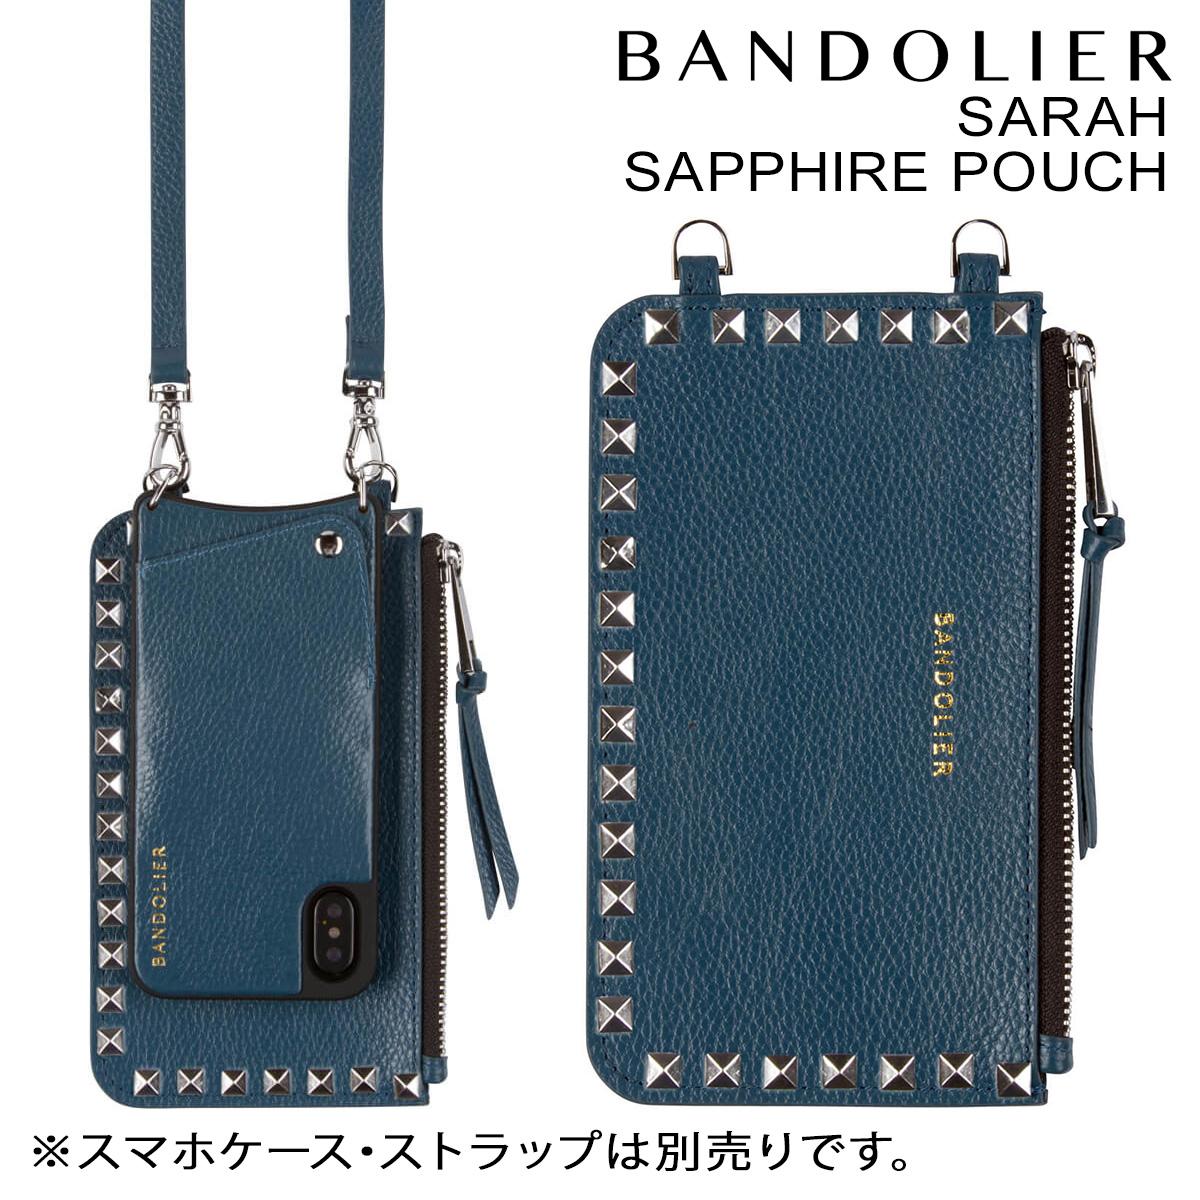 バンドリヤー BANDOLIER ポーチ SARAH SAPPHIRE POUCH レザー メンズ レディース ブルー [9/20 新入荷]